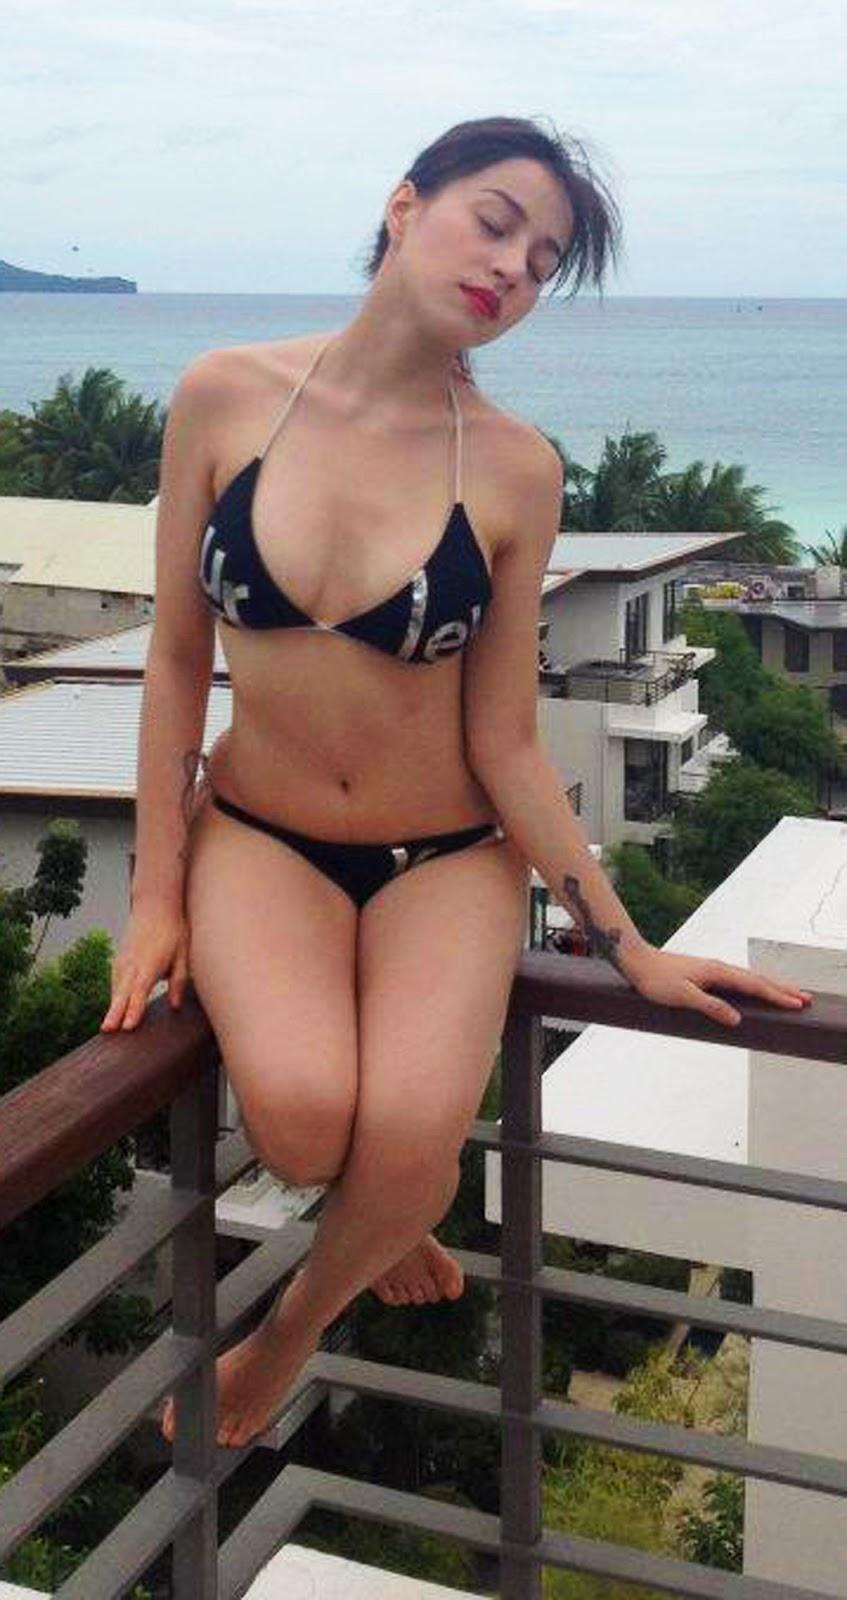 Dakota blue richards flat chested nude fakes